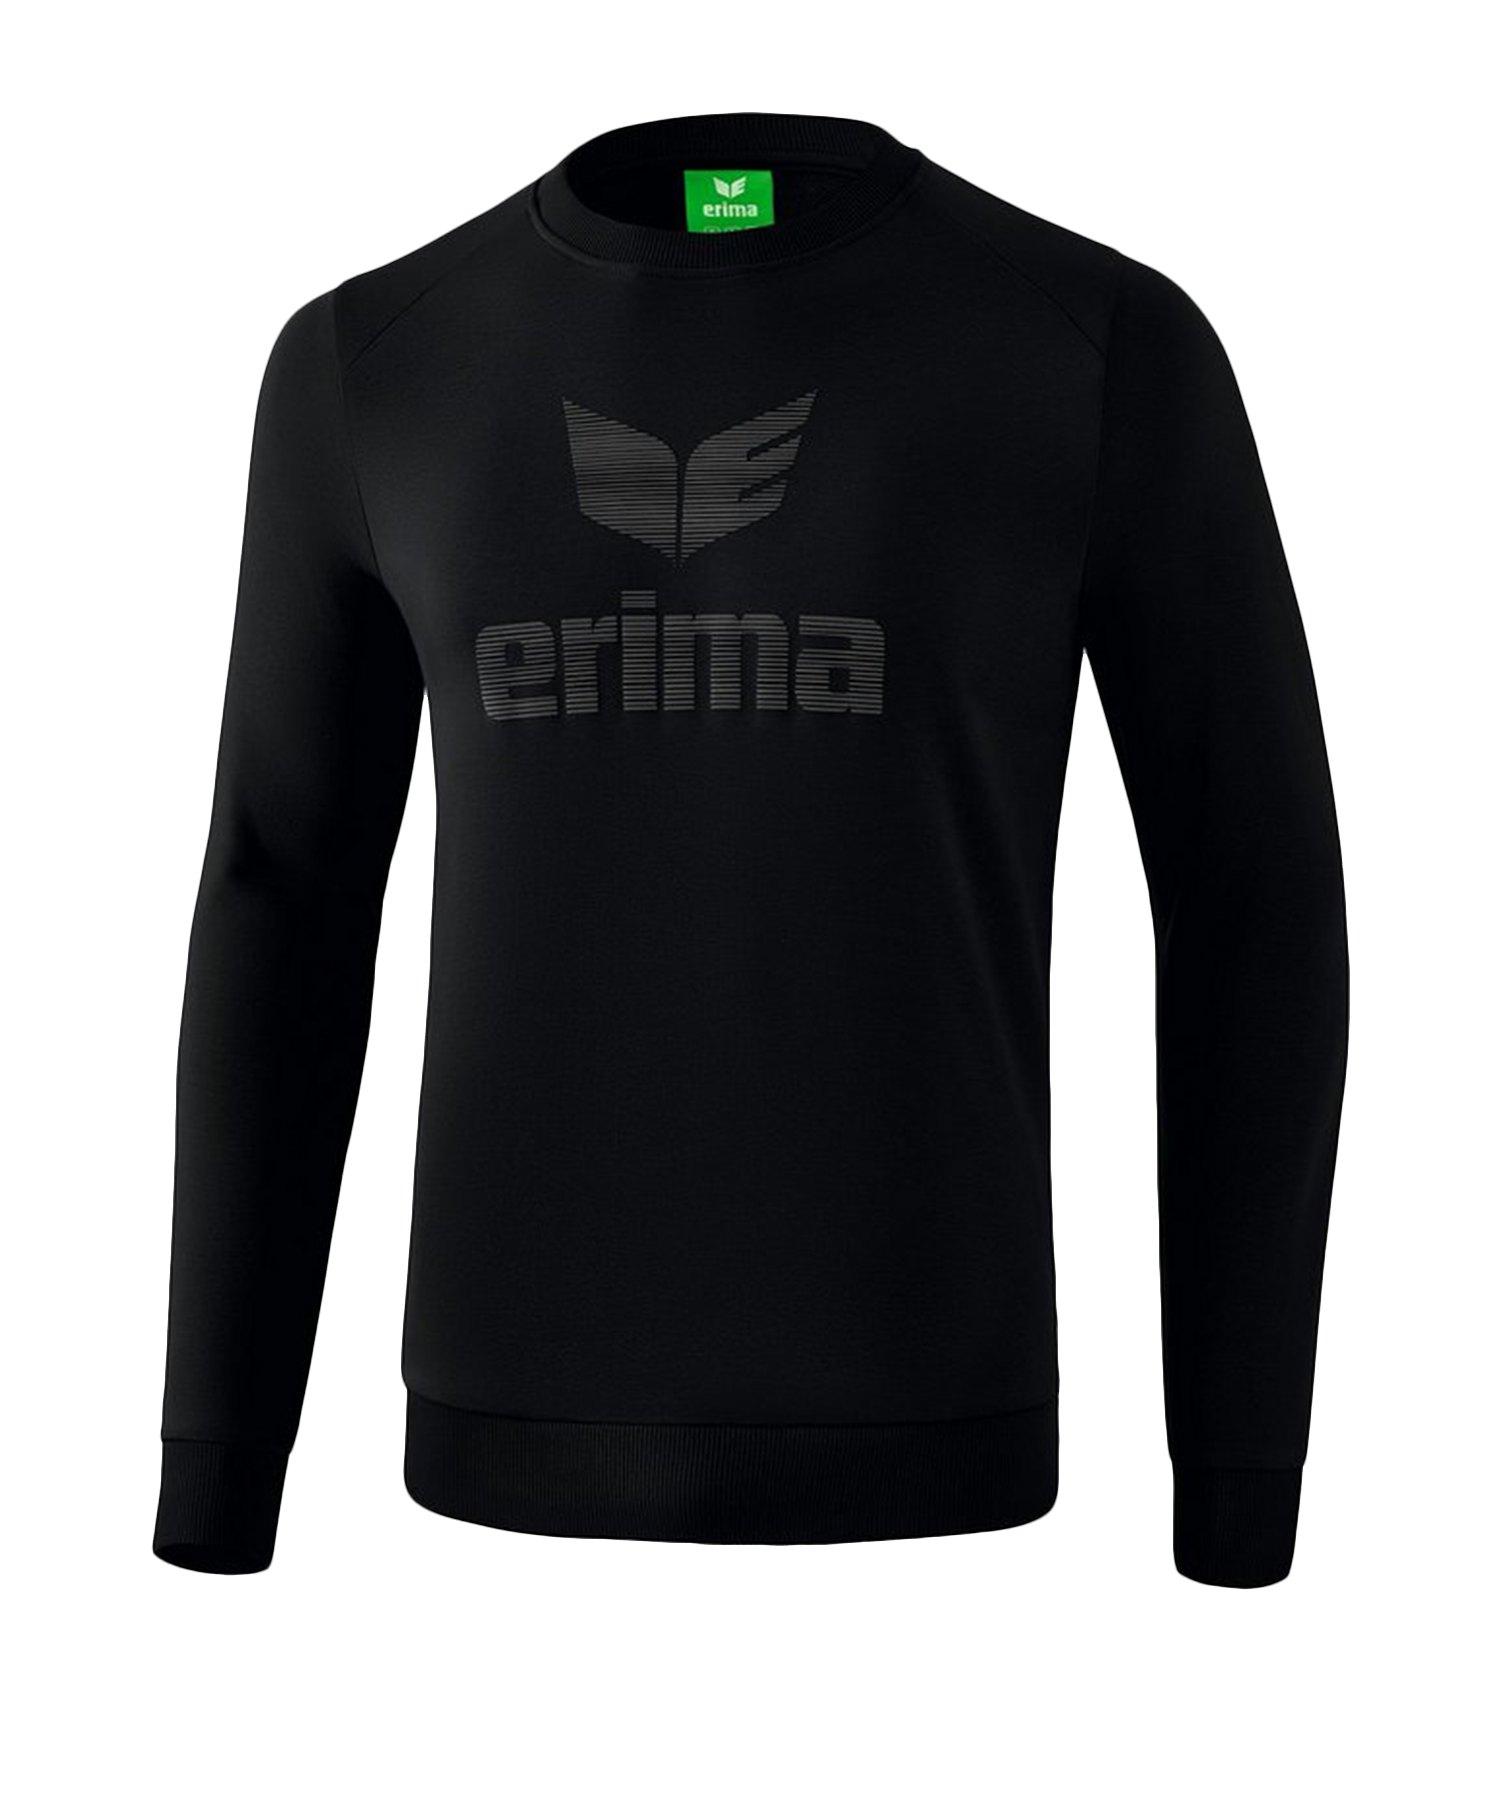 Erima Essential Sweatshirt Kids Schwarz Grau - Schwarz